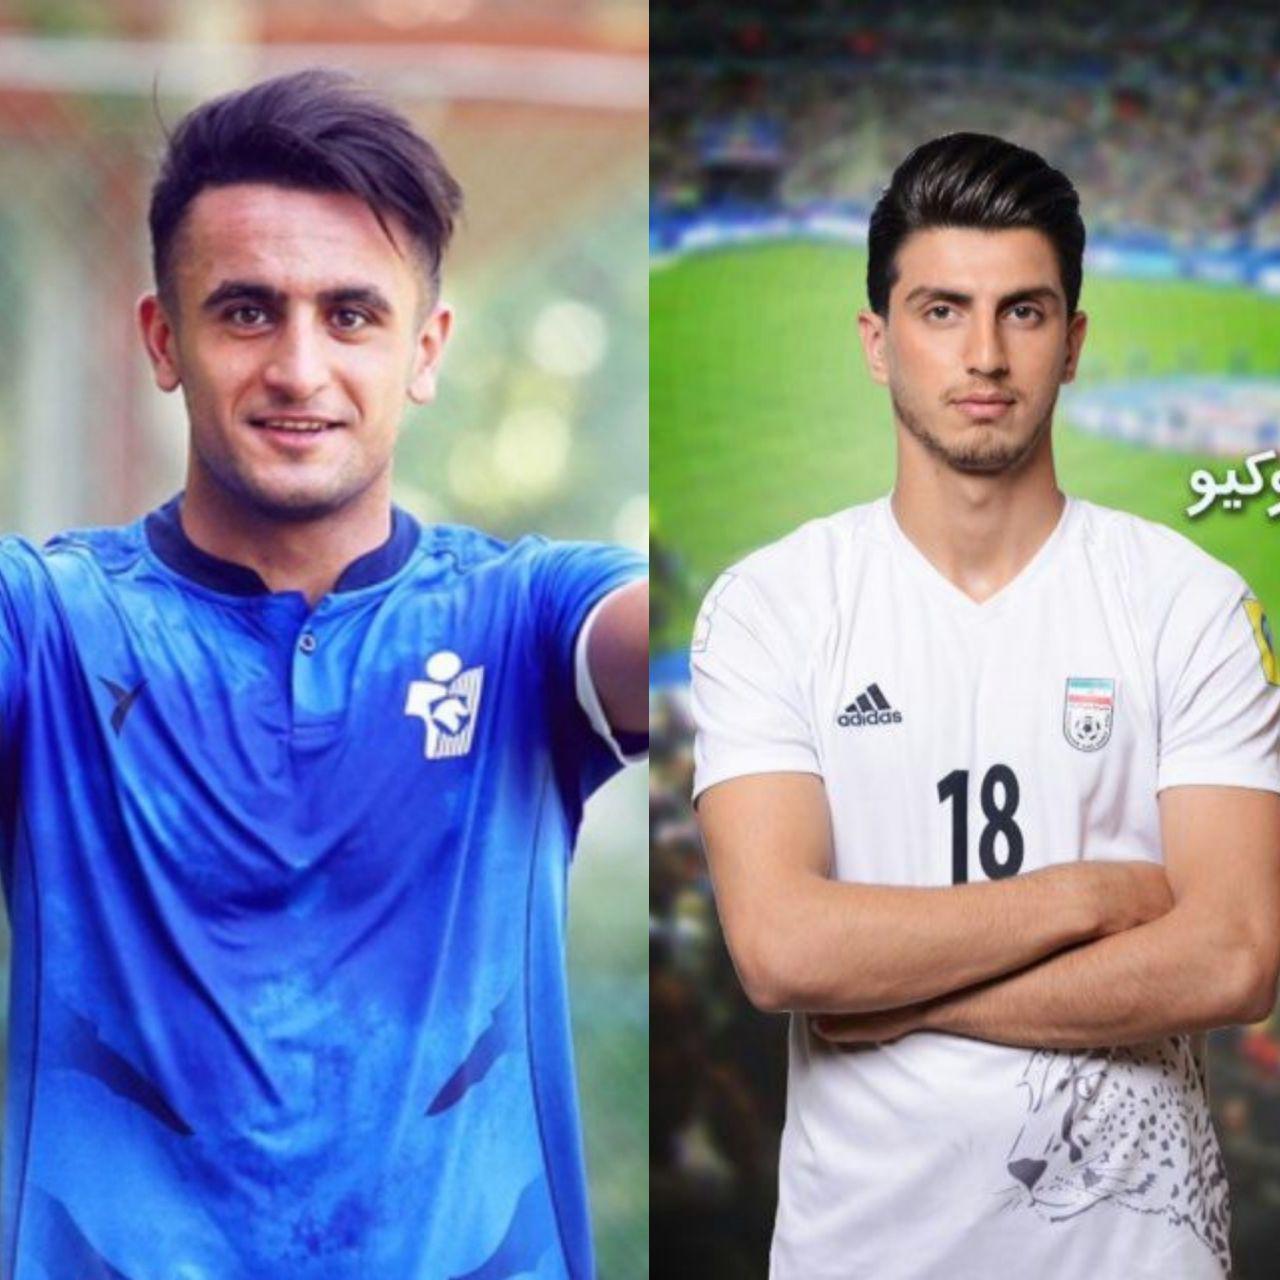 محمد آقا جانپور و ابوالفضل رزاق پور دو مازندرانی در لیست نهایی تیم ملی امید